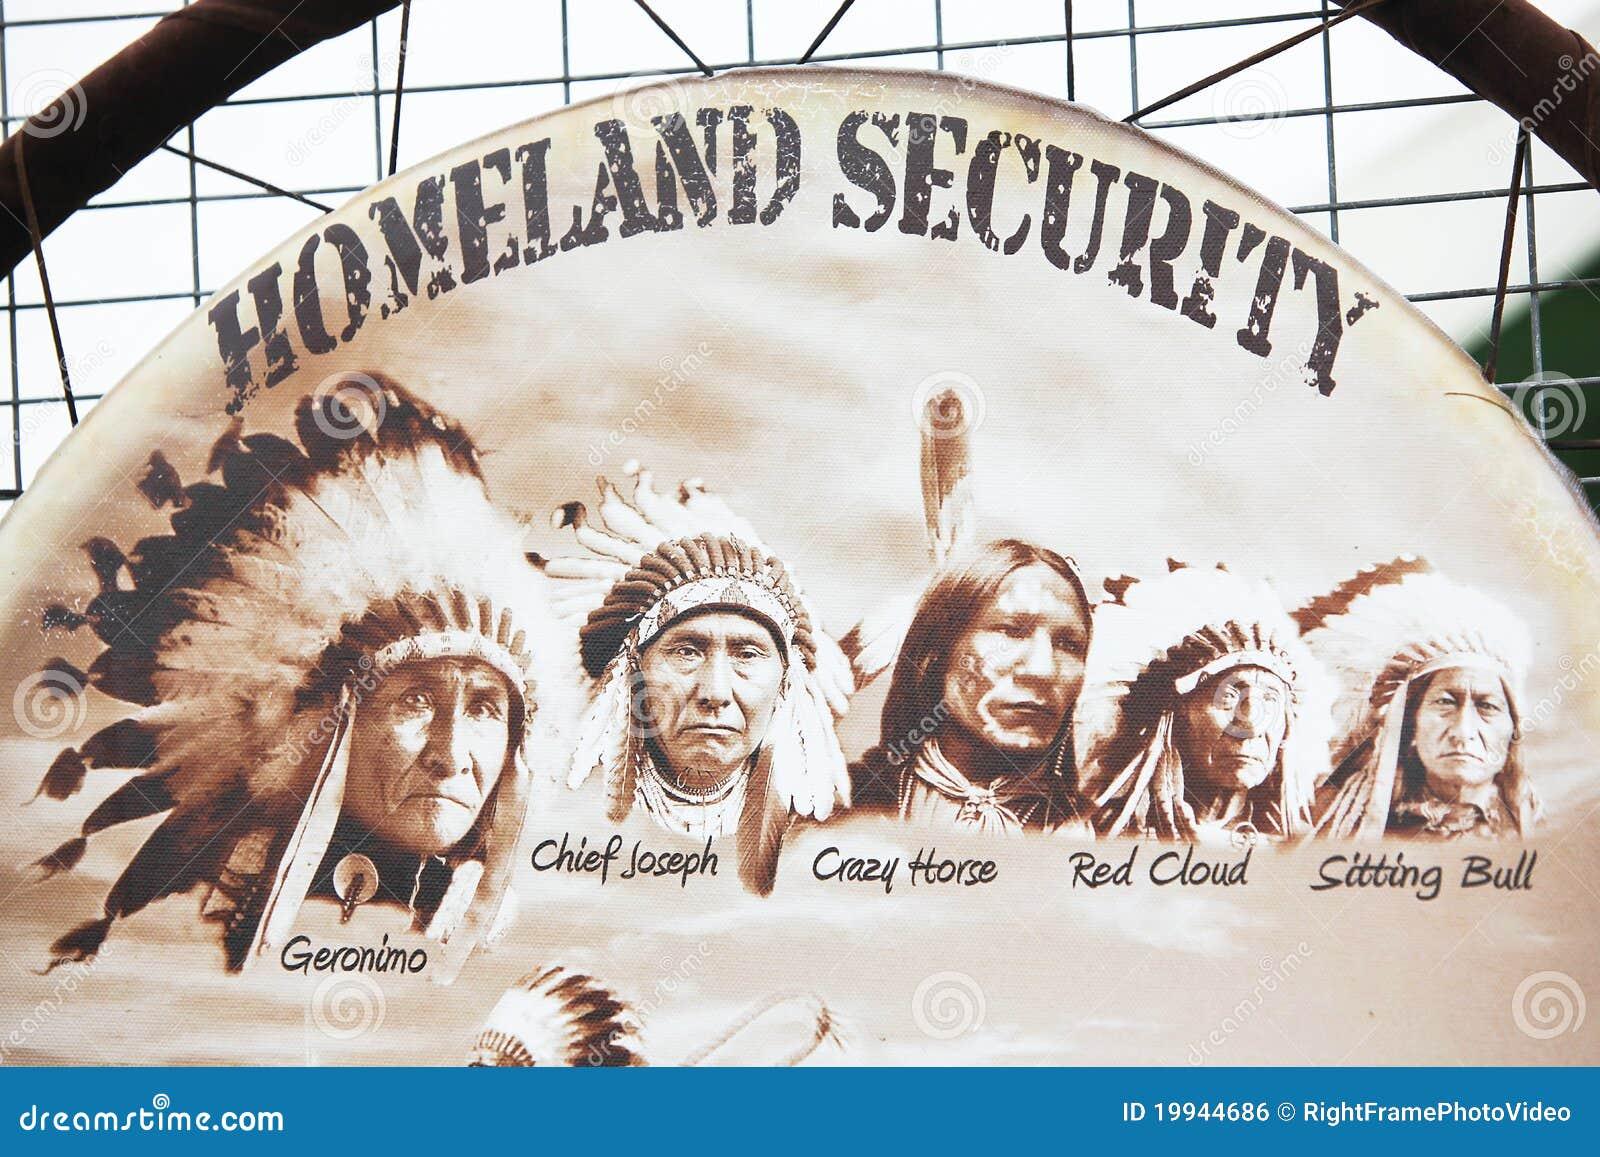 Homeland security geronimo chief joseph crazy horse red cloud